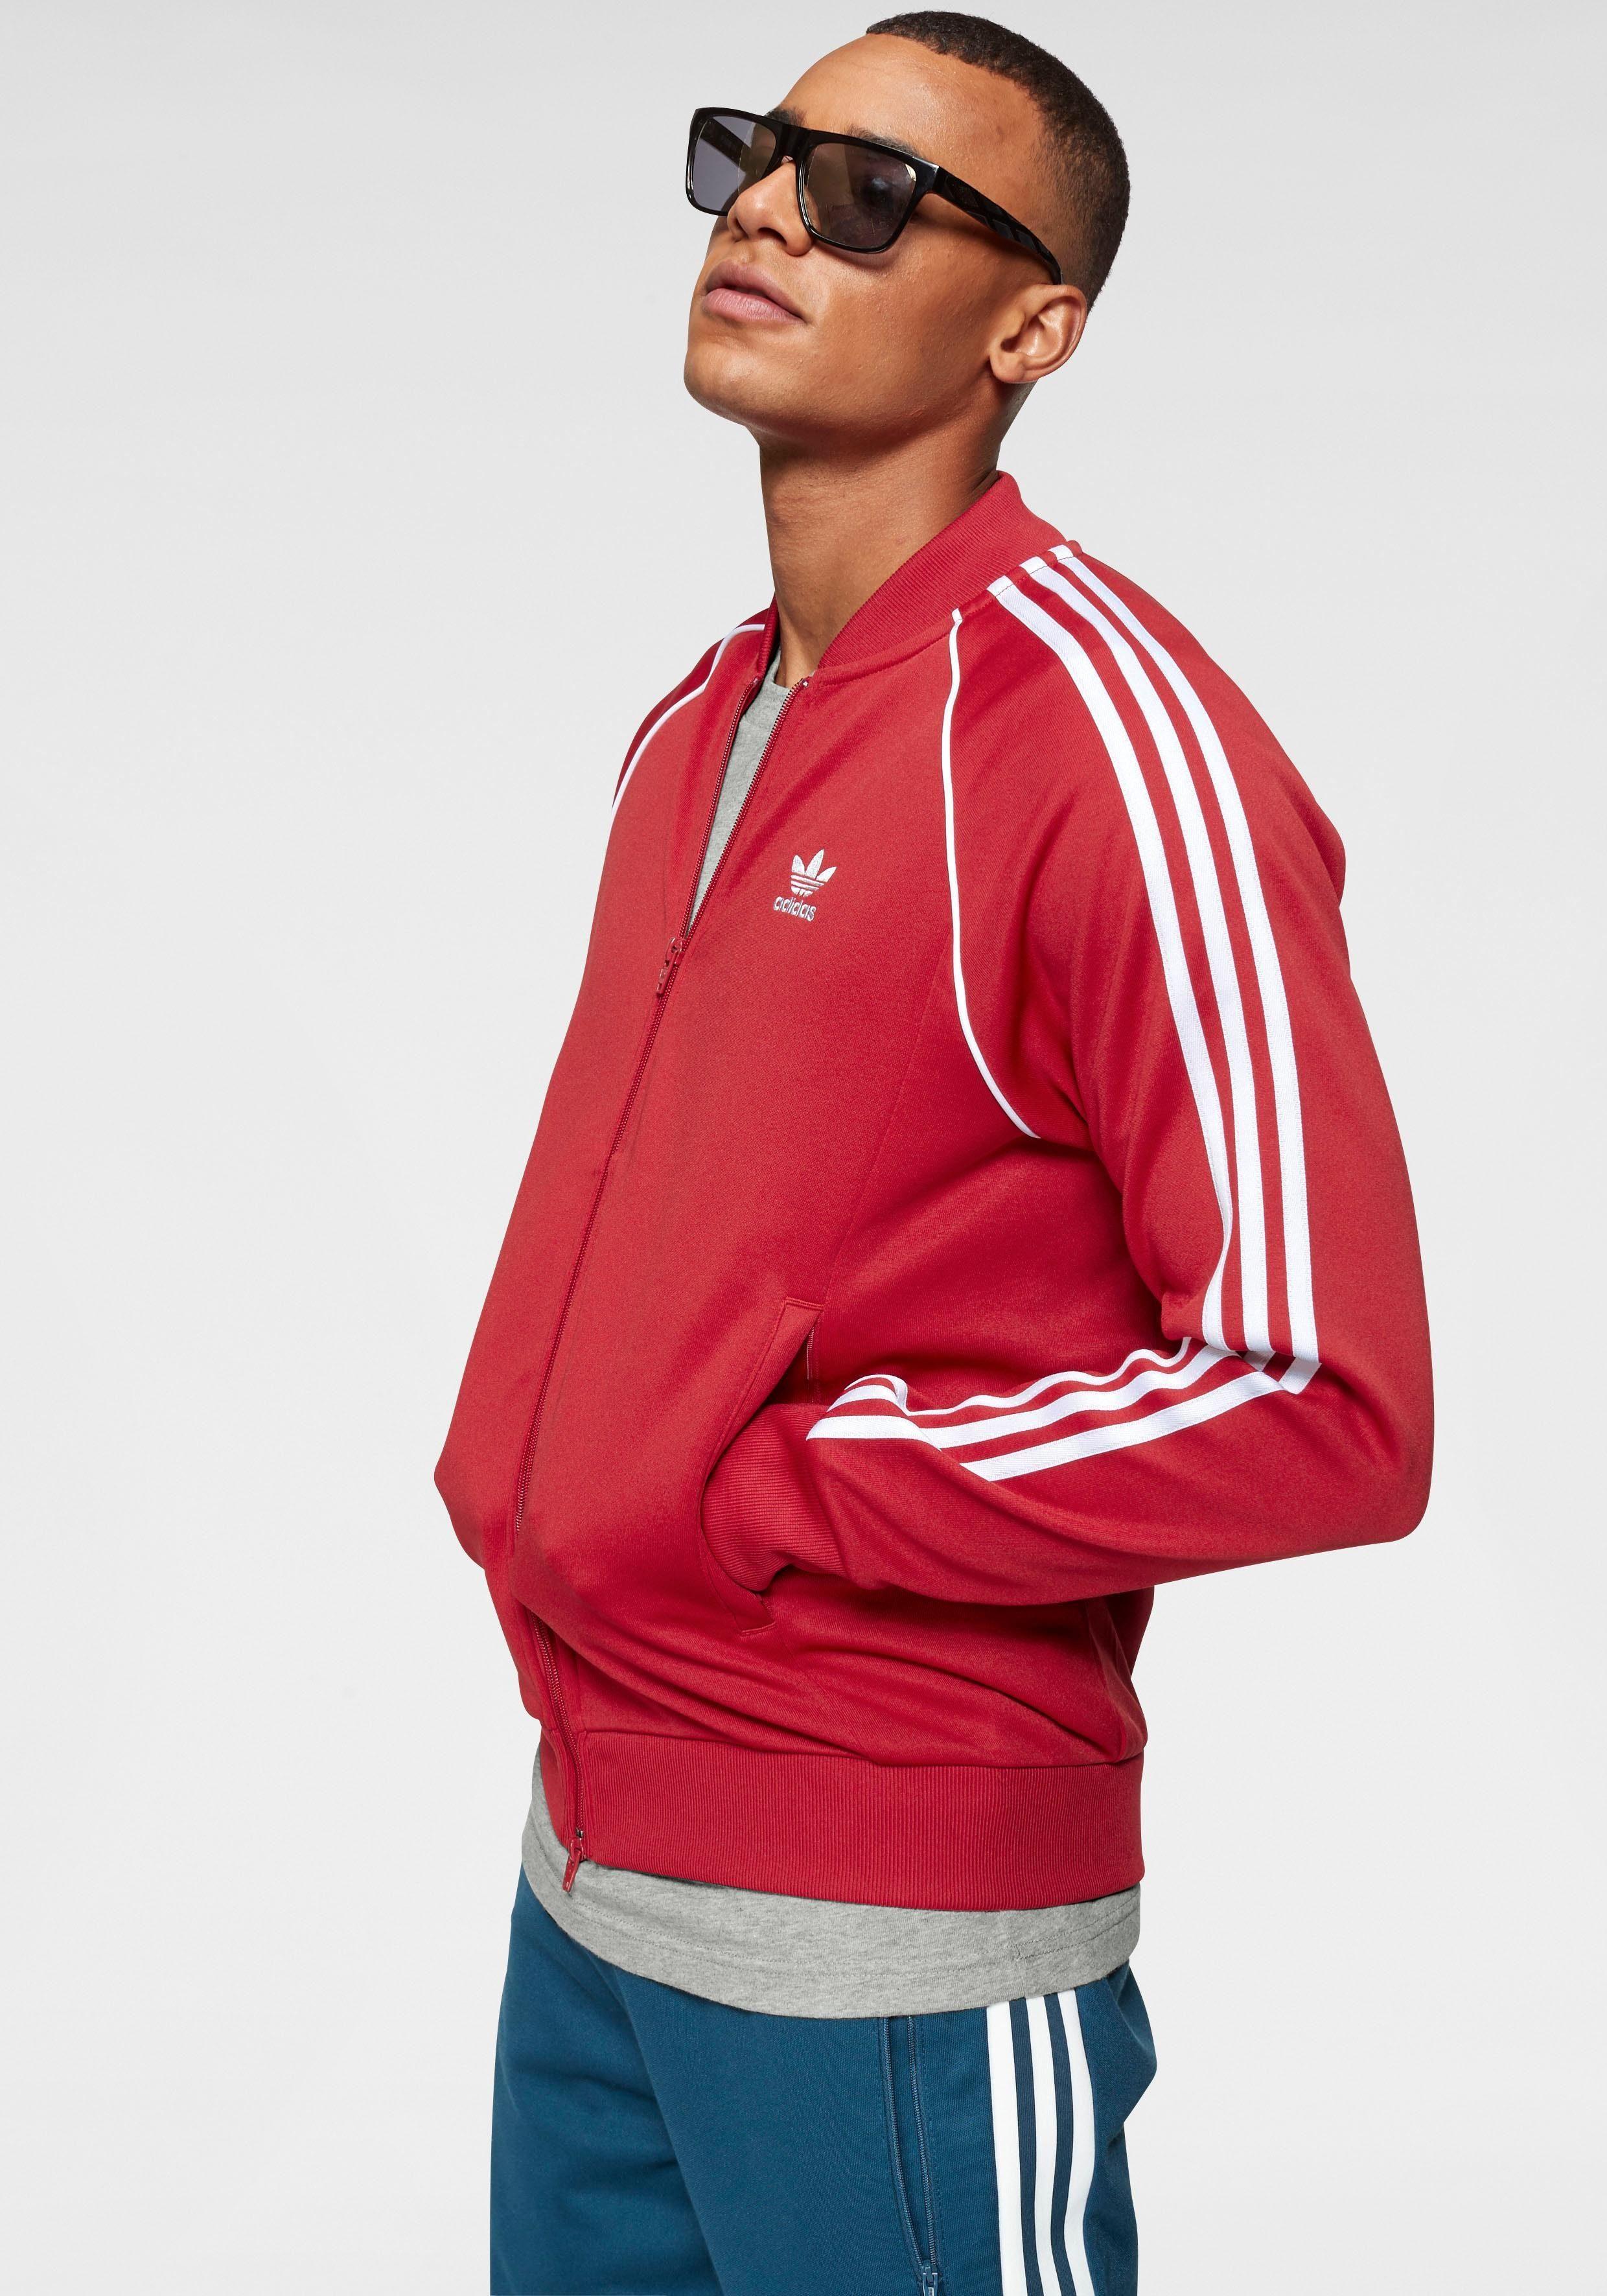 Adidas Originals Star Auf »super Den ÄrmelnLogostickerei Online Tracktop«Applizierte Streifen Kaufen Trainingsjacke fbvIY6y7g